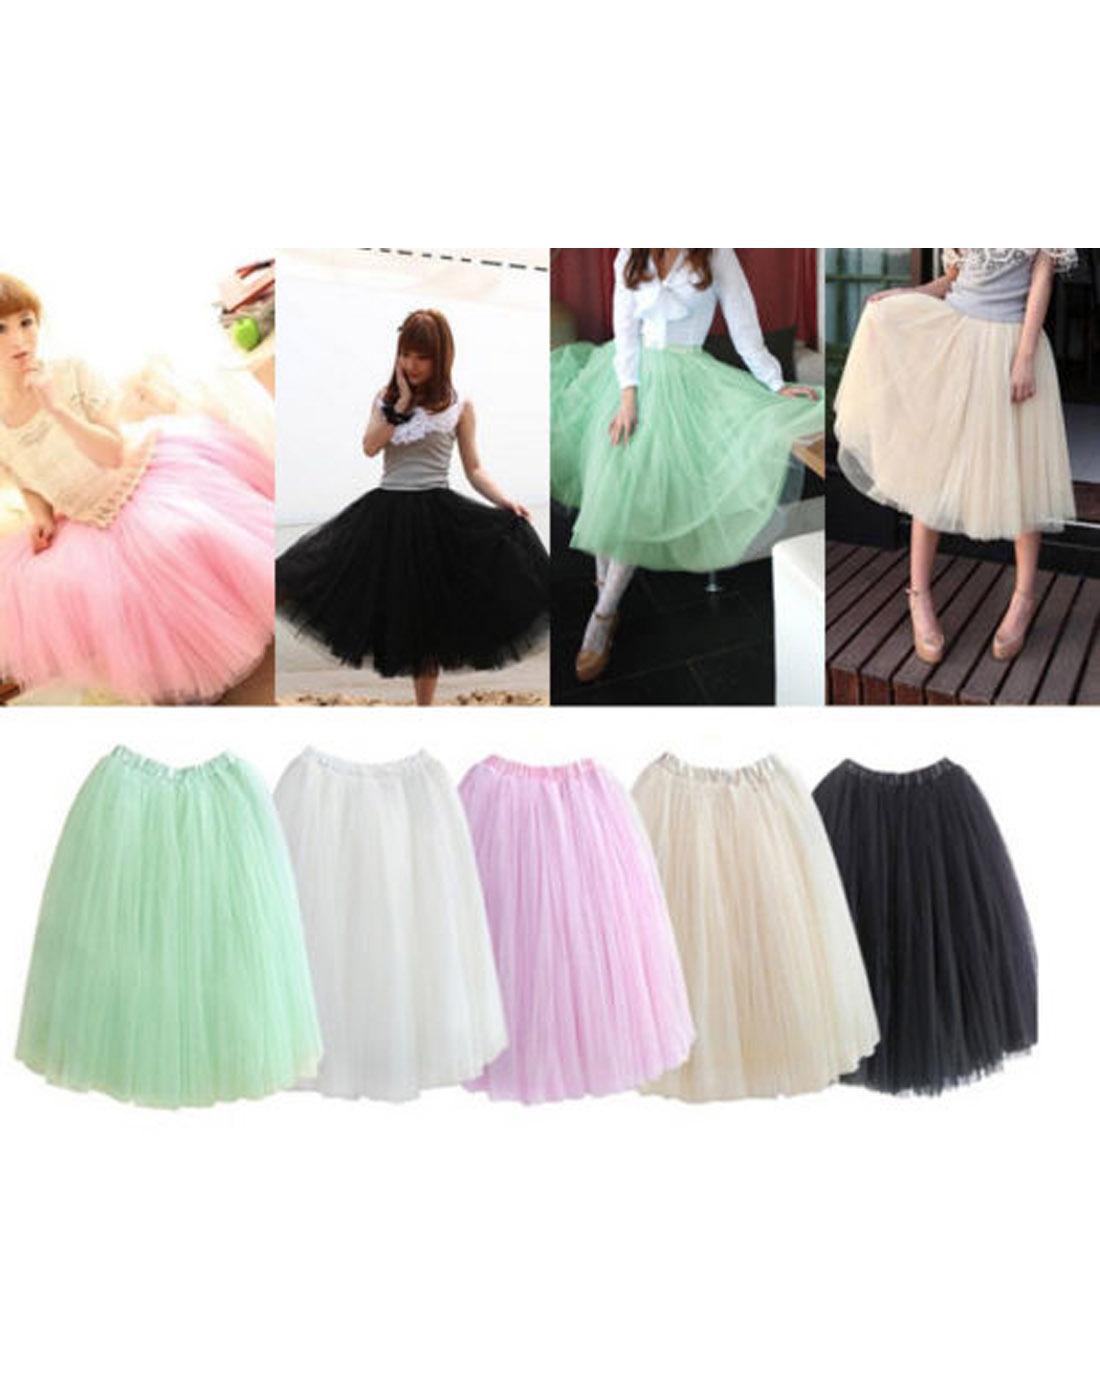 Petticoat Ballerina Ballet Dancer Tulle Long Tutu Skirt ...